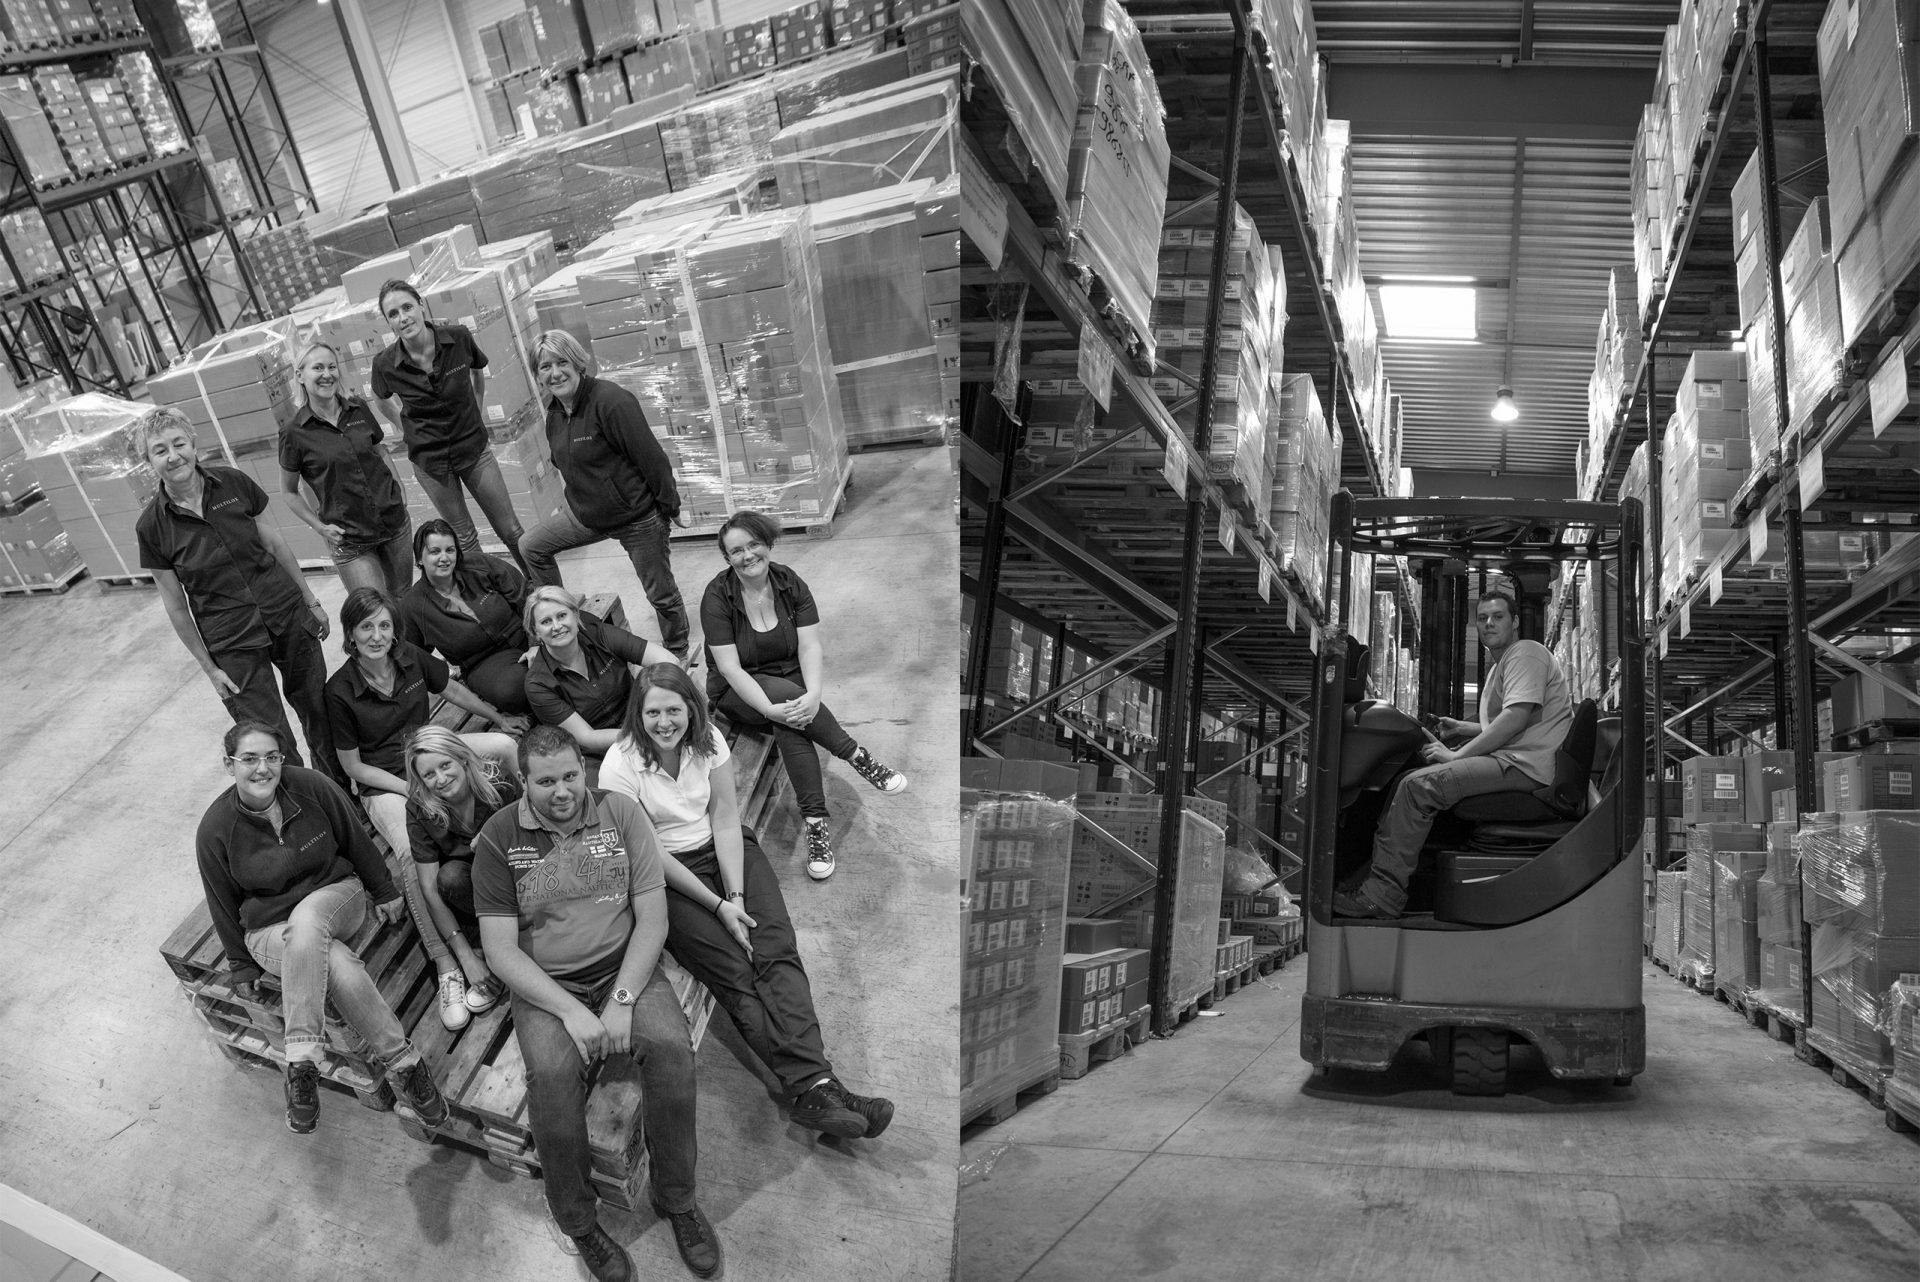 Equipe Multilox dans les hangars de la société